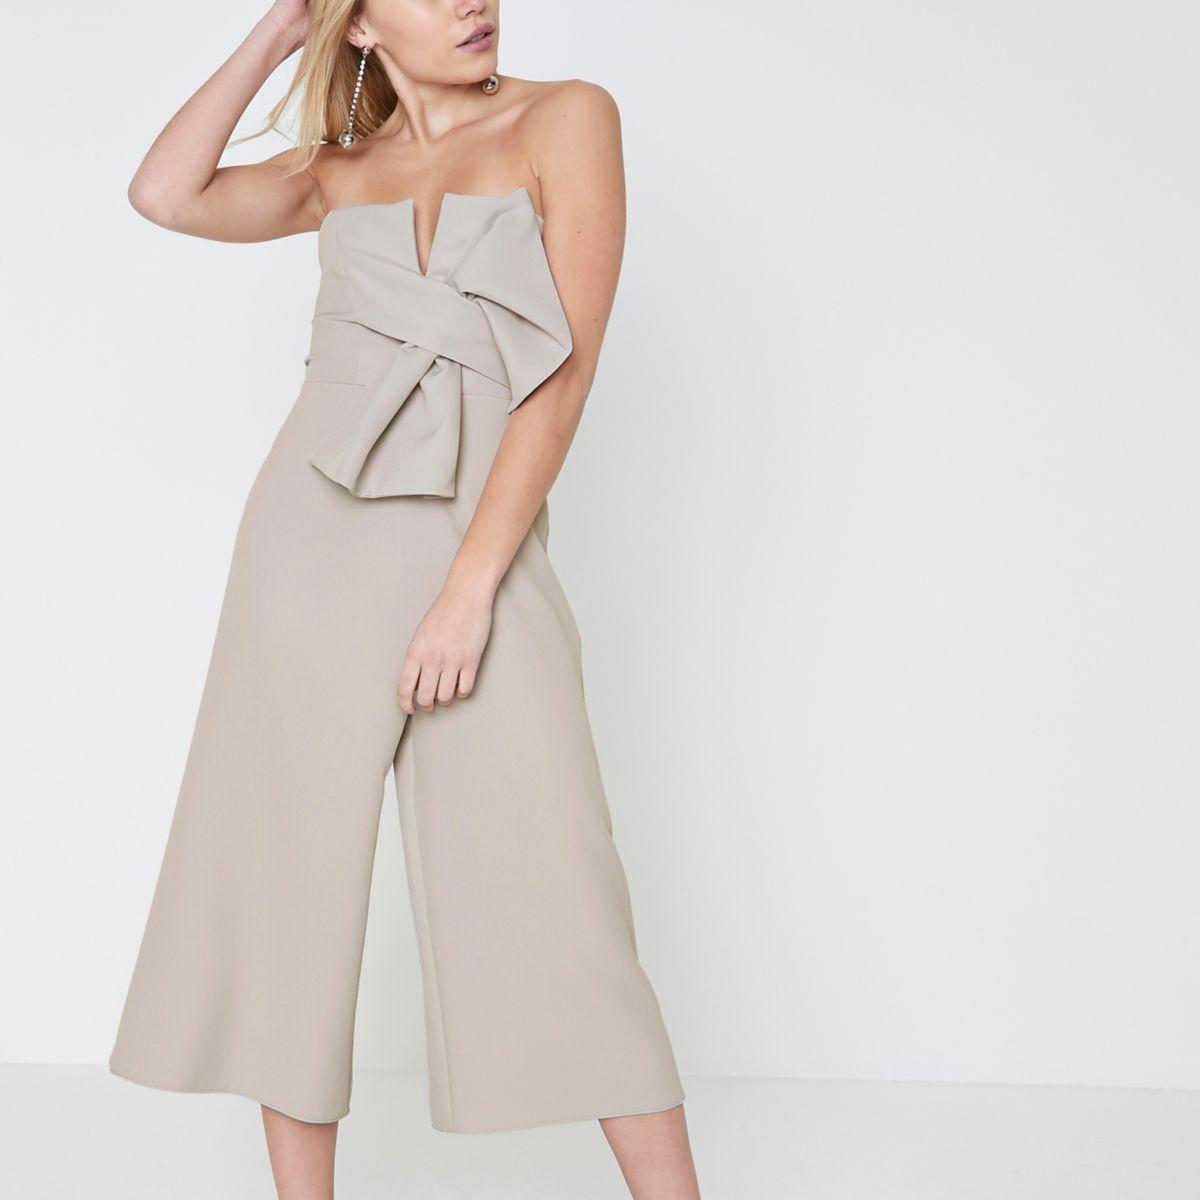 9760852c2c23 Petite grey bow bandeau culotte jumpsuit - Playsuits   Jumpsuits ...